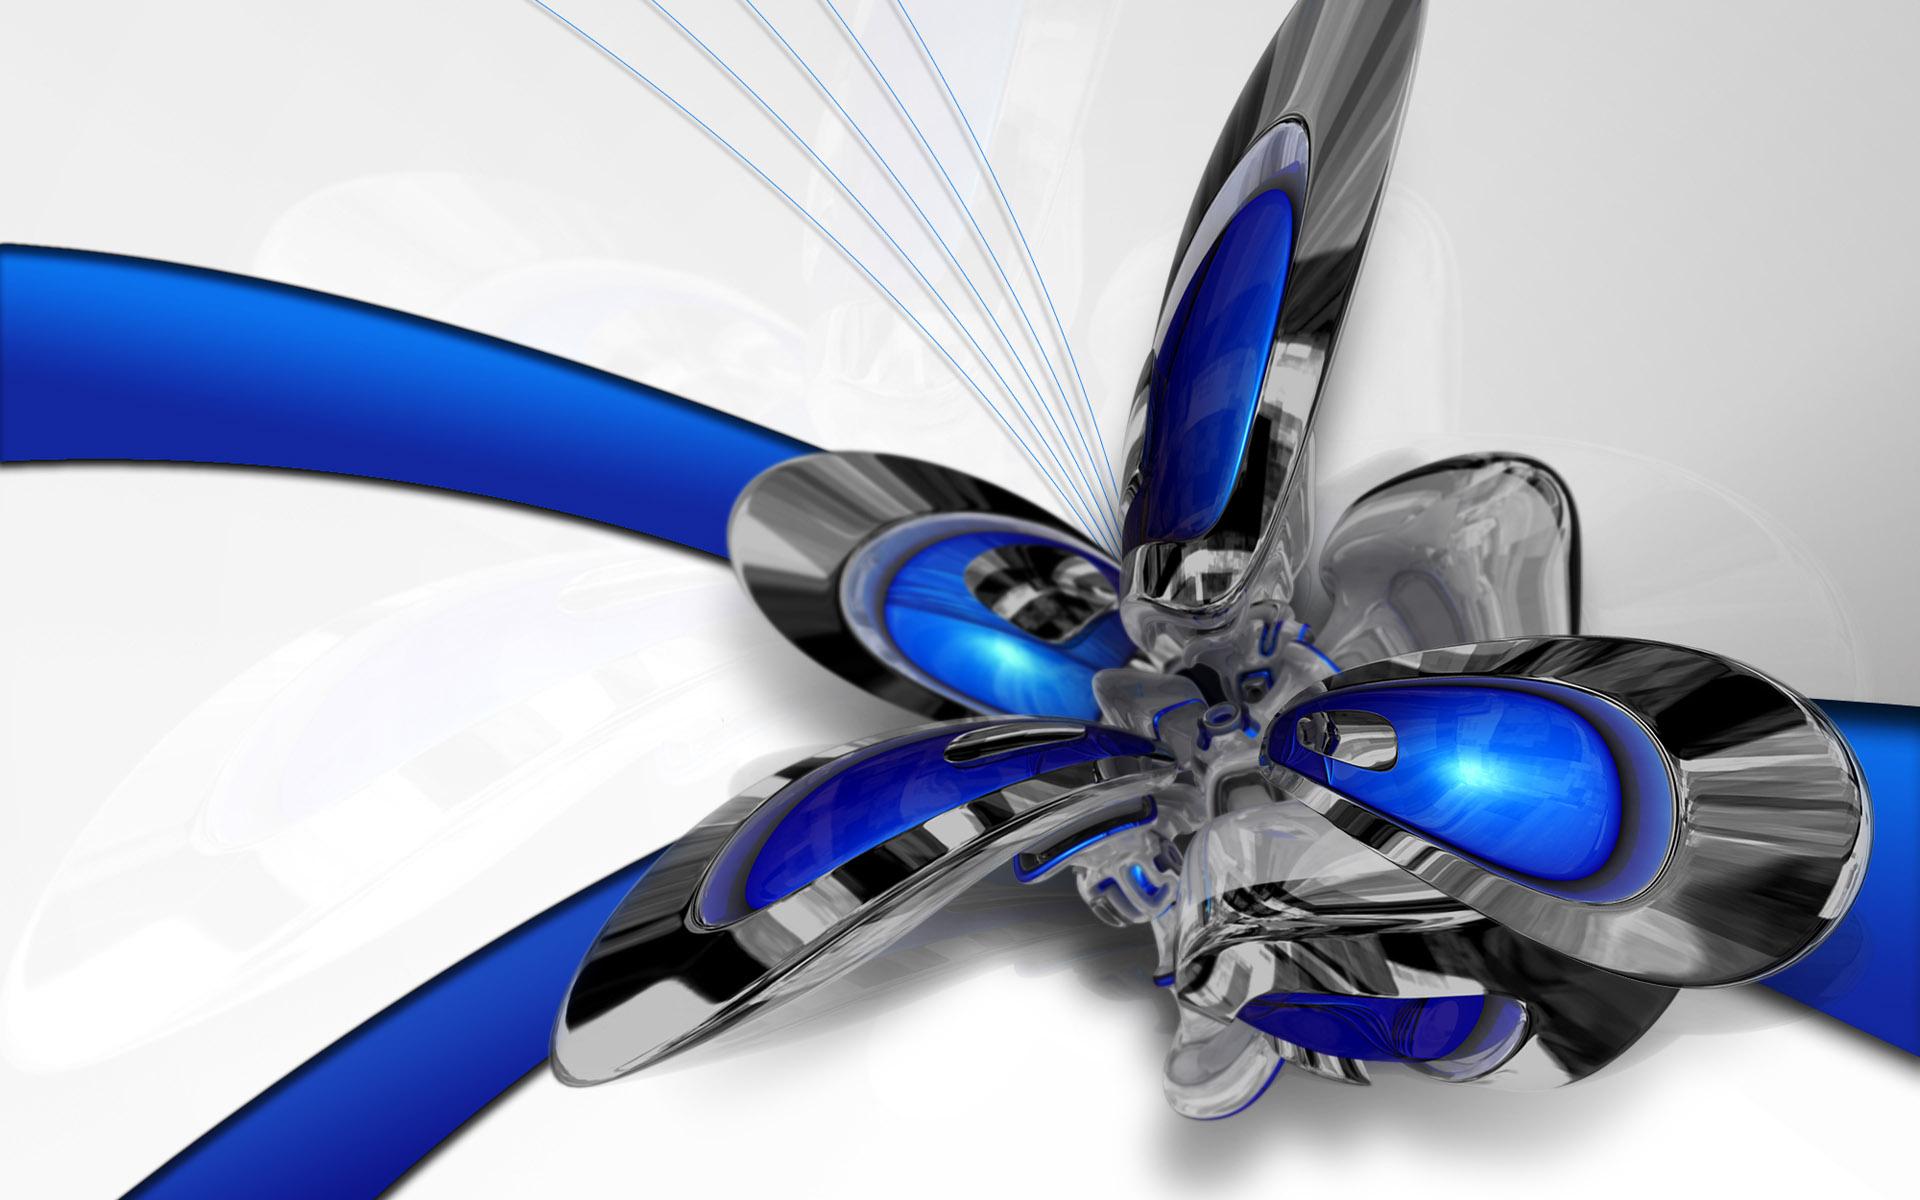 Abstract 3D Wallpaper 14   3D Photography Desktop Wallpapers 7255 1920x1200